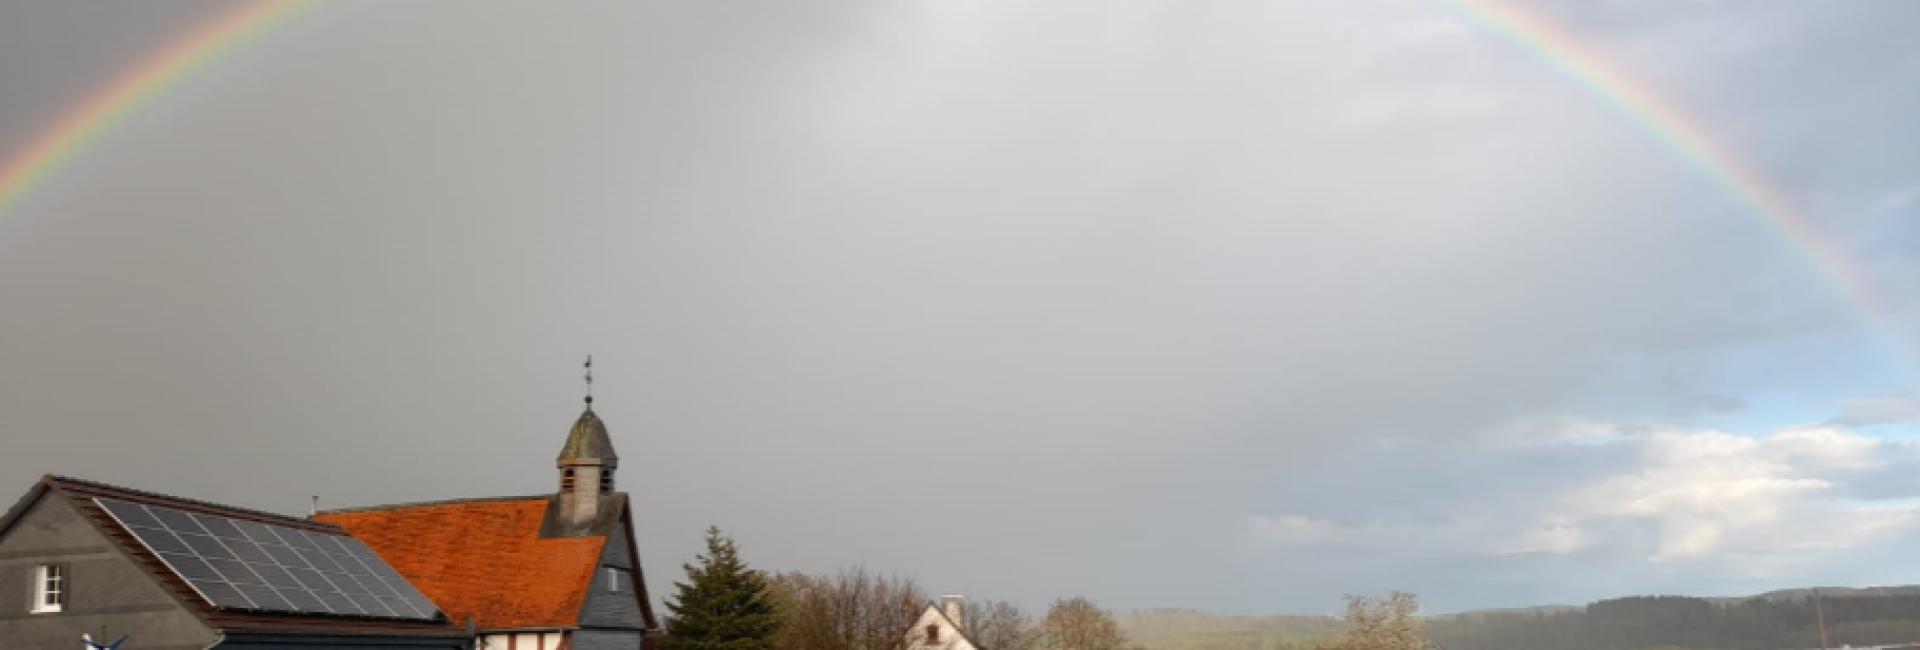 Wetter in Schreuifa